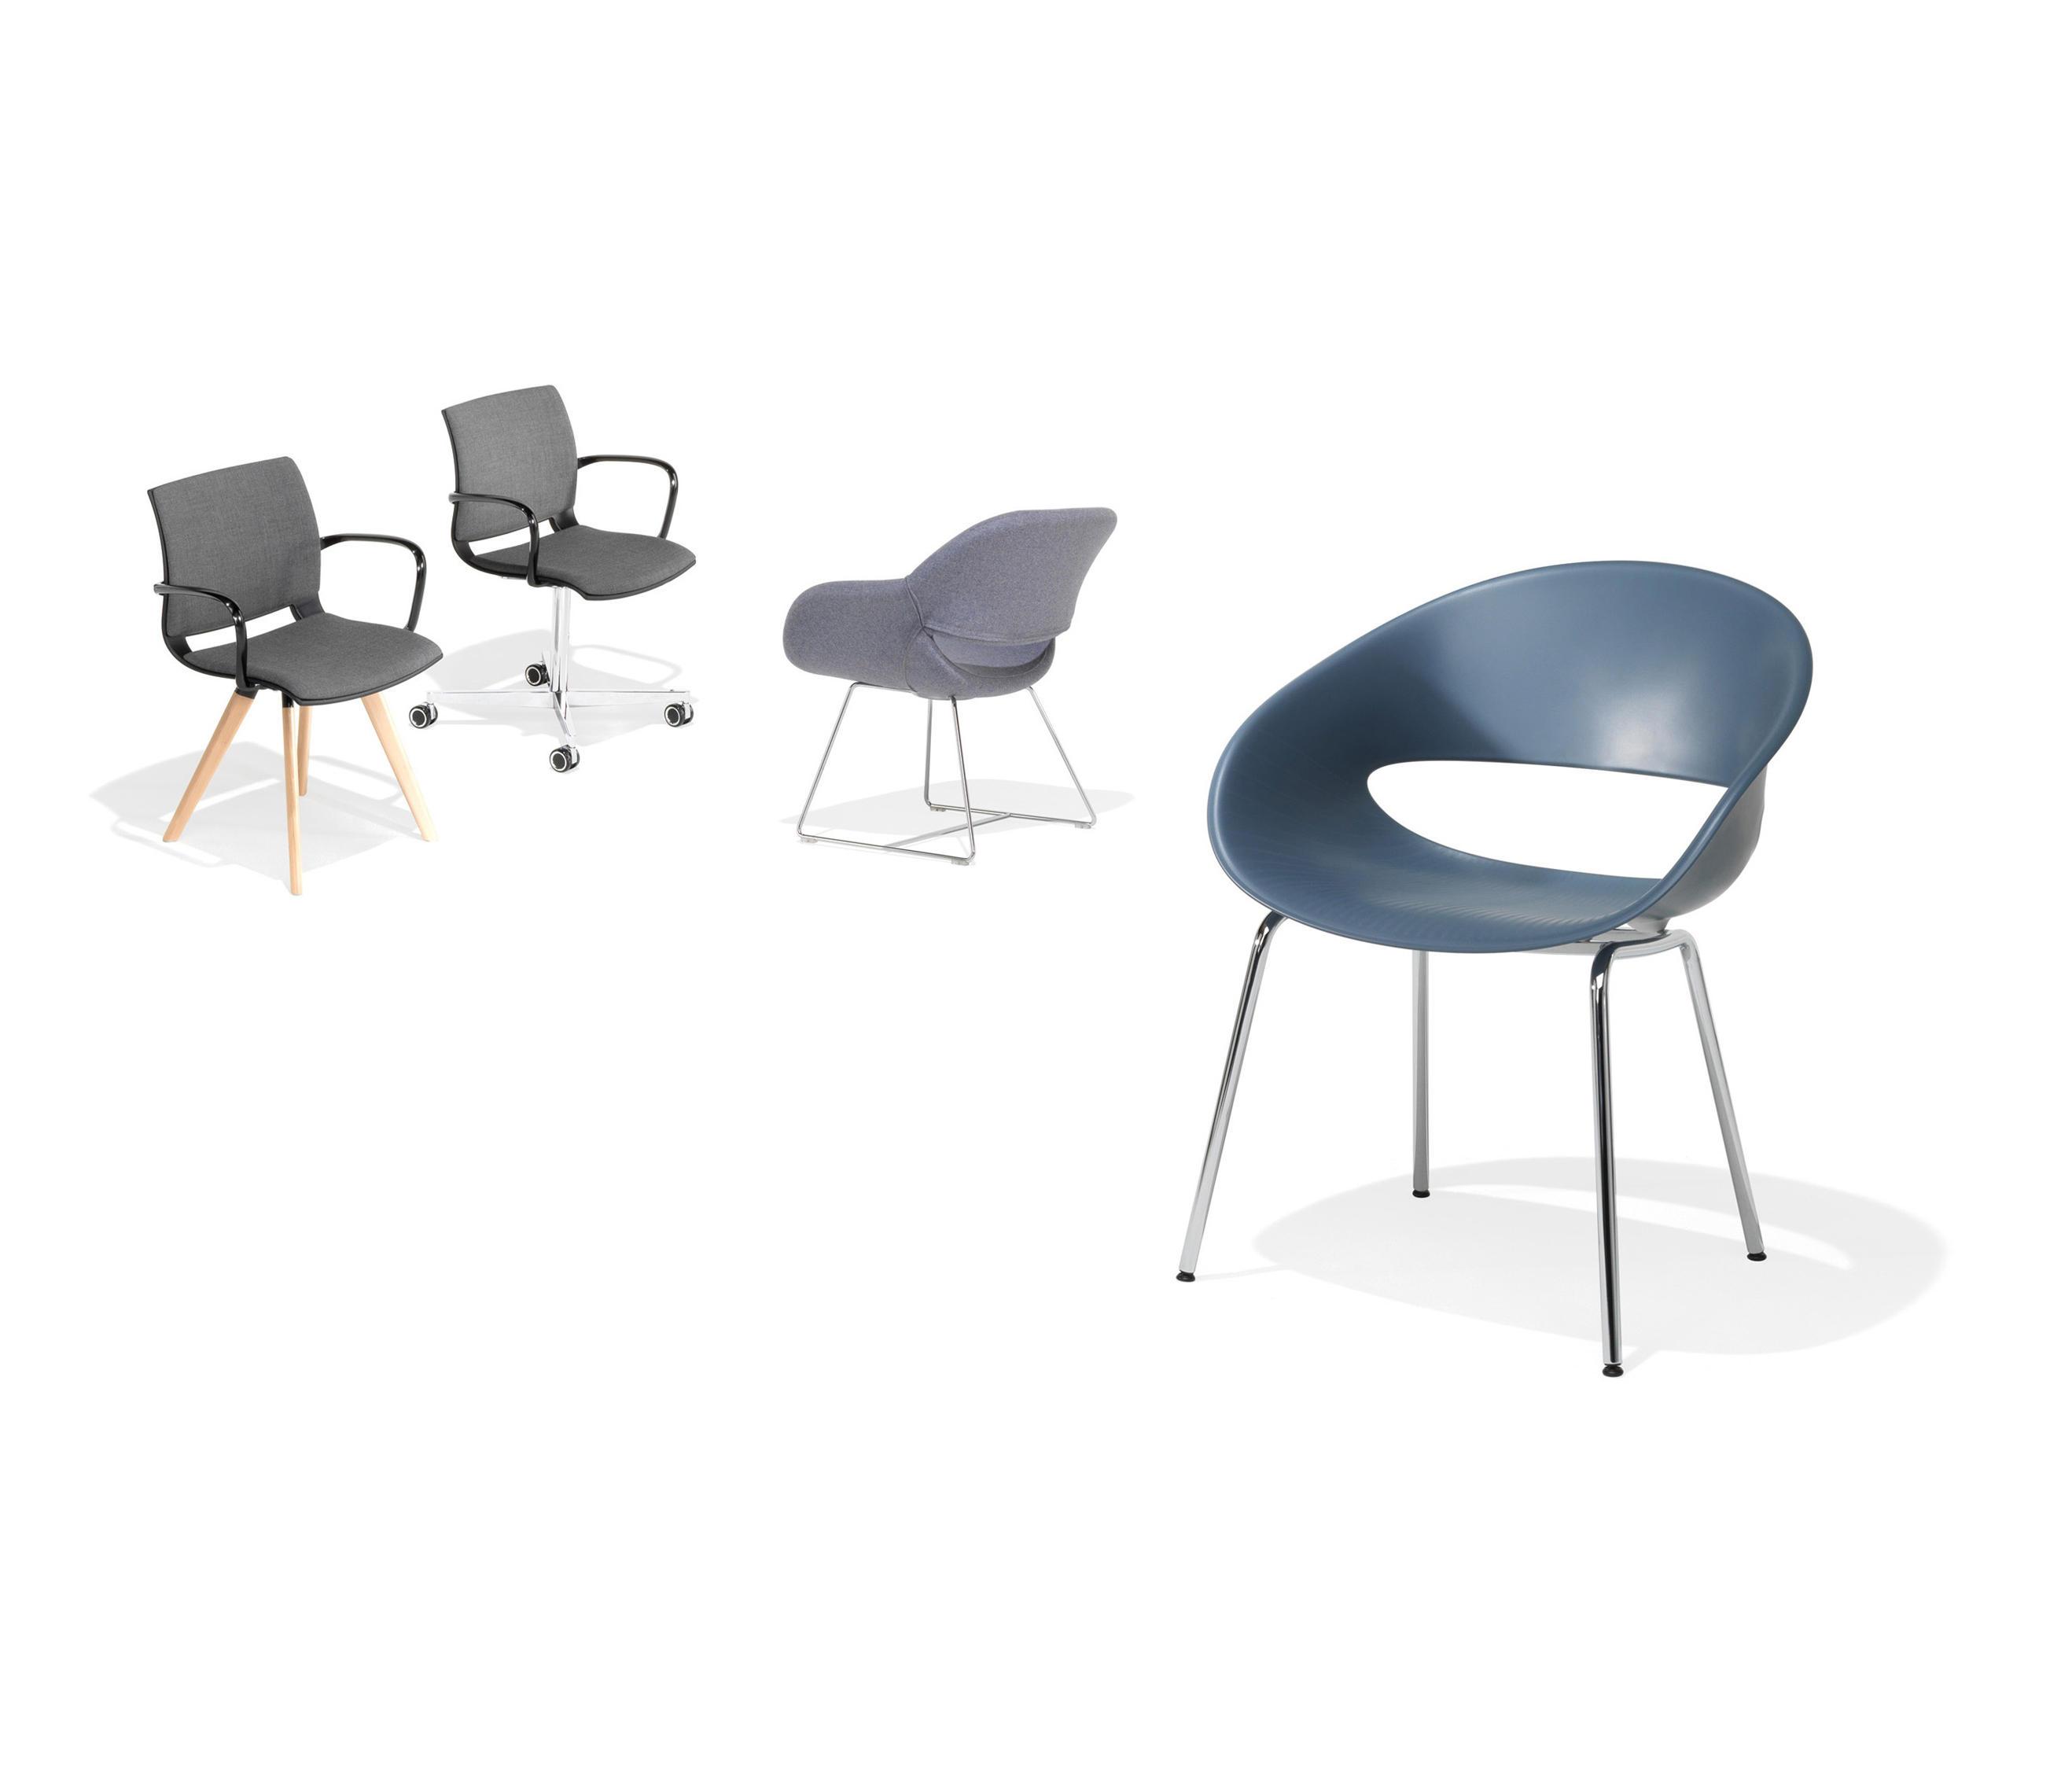 8250 6 volpino beistelltisch beistelltische von kusch co architonic. Black Bedroom Furniture Sets. Home Design Ideas